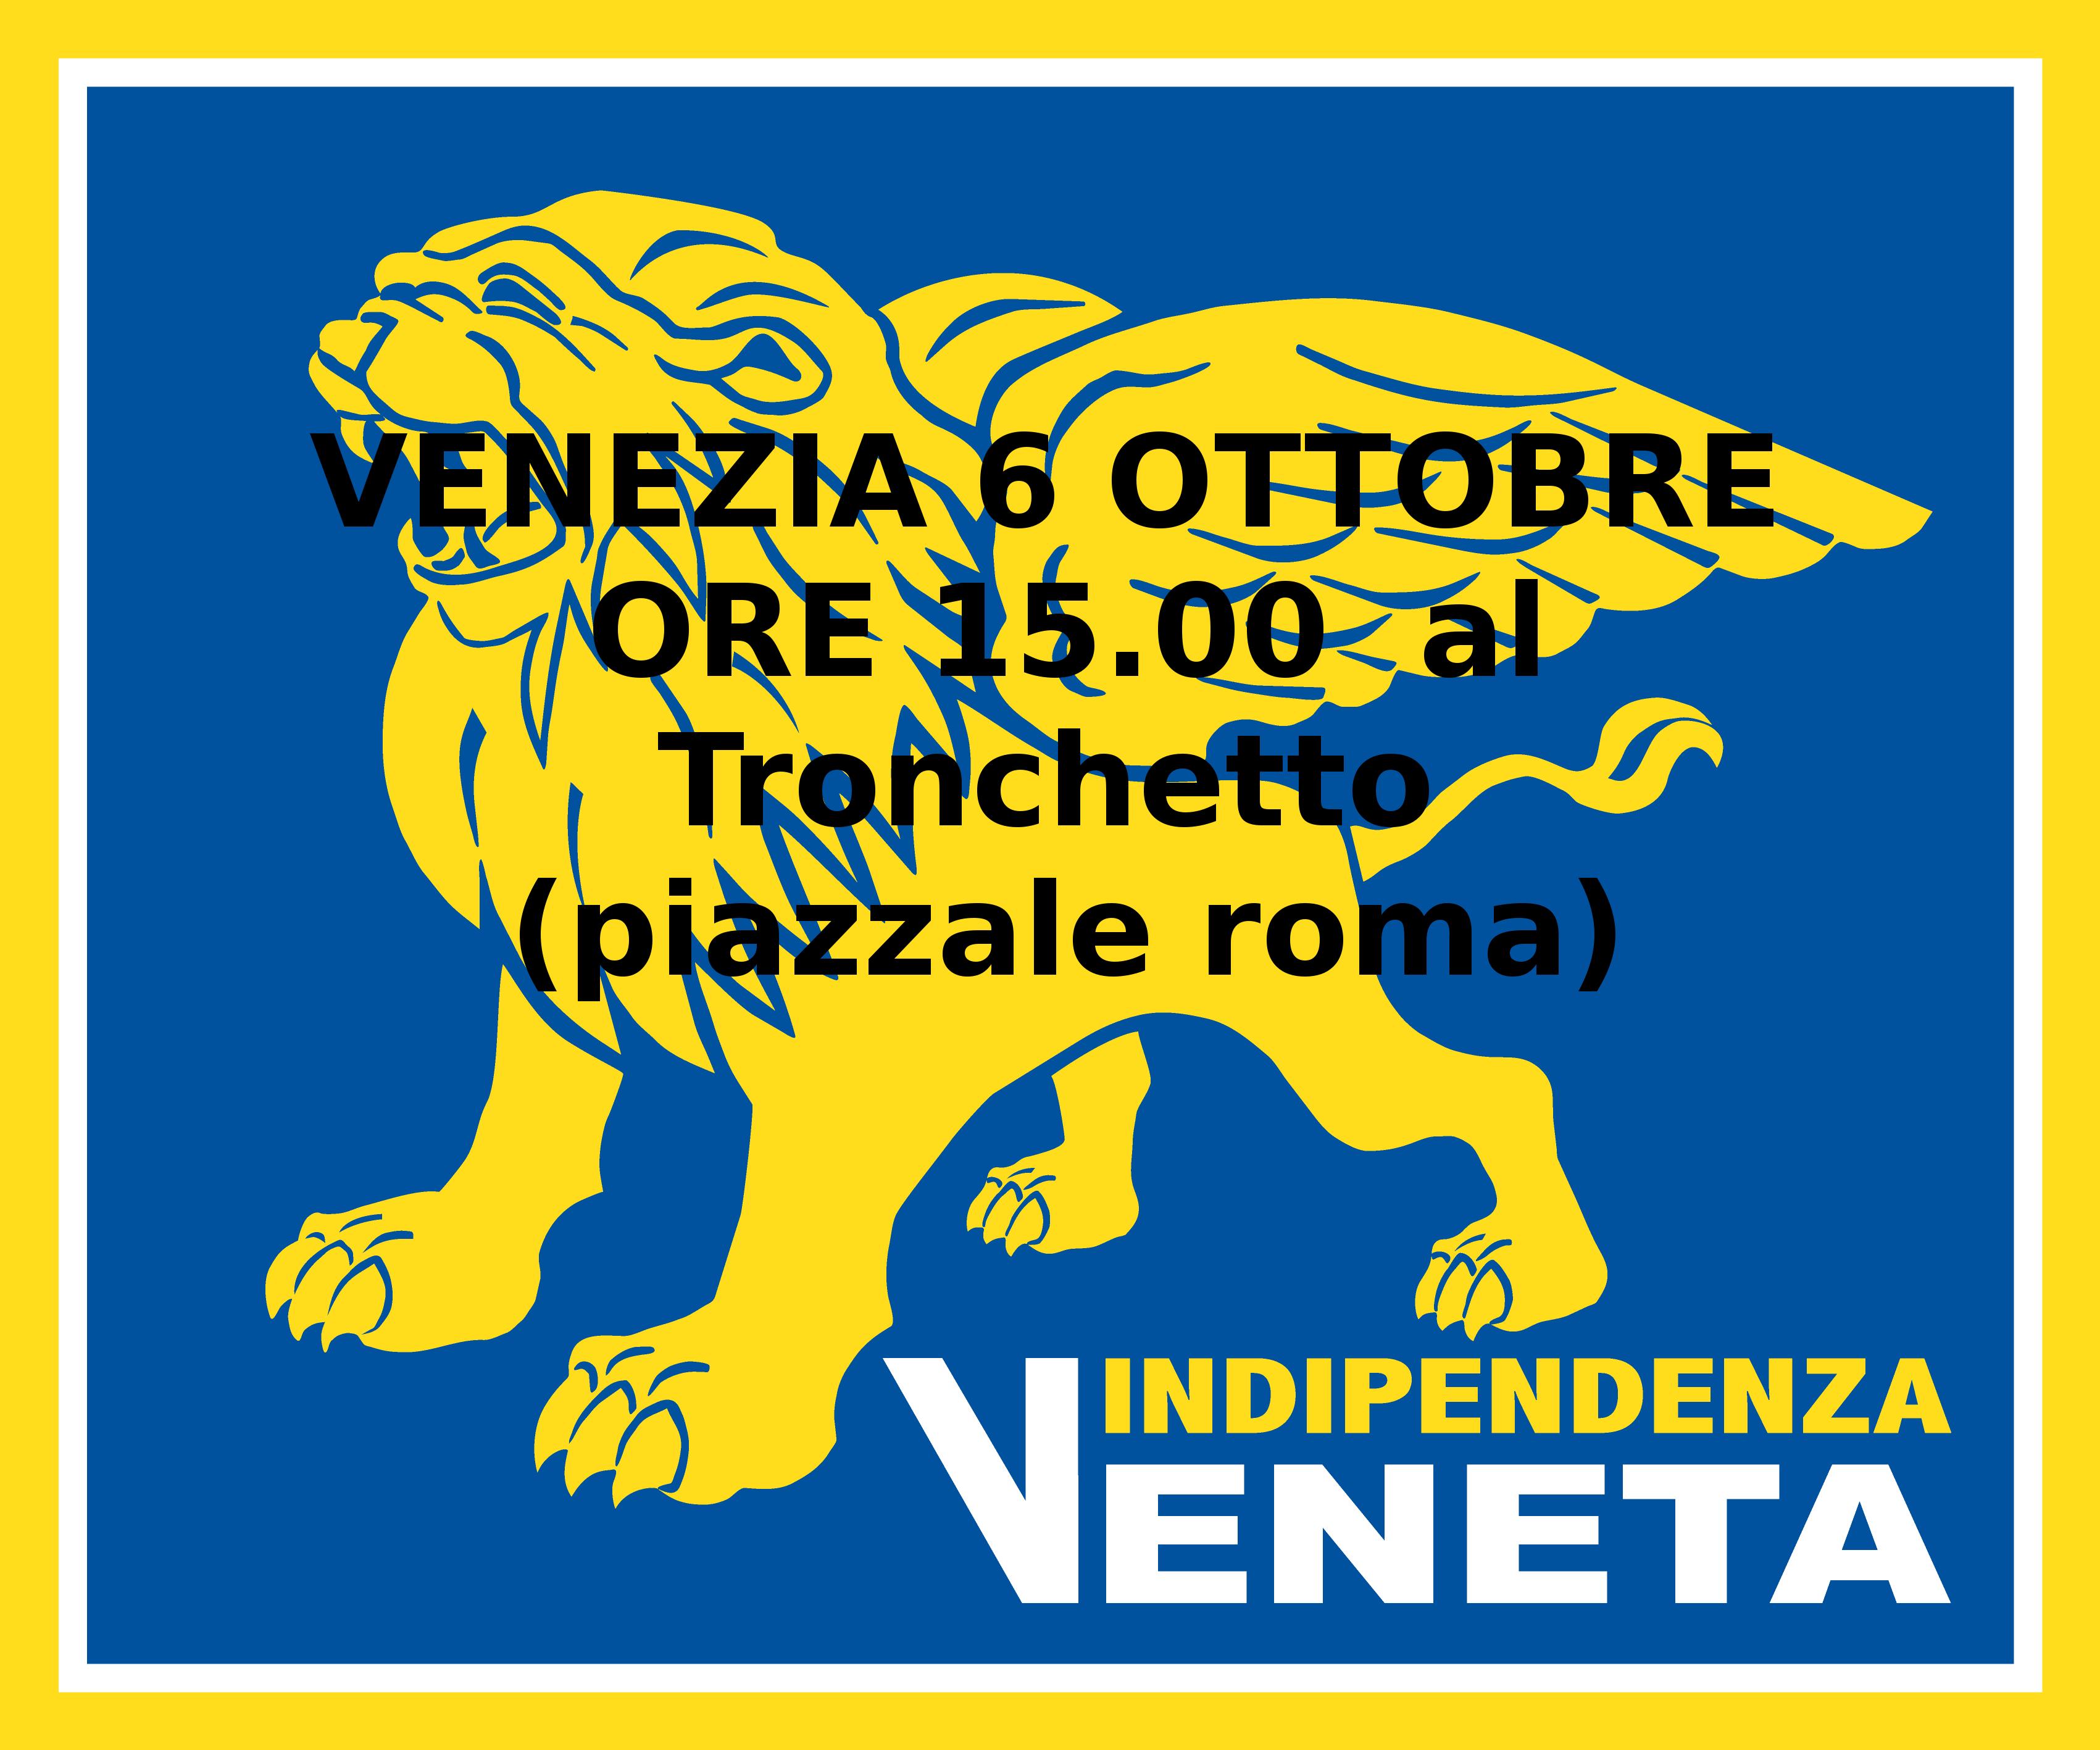 VENEZIA 6 OTTOBRE 2012